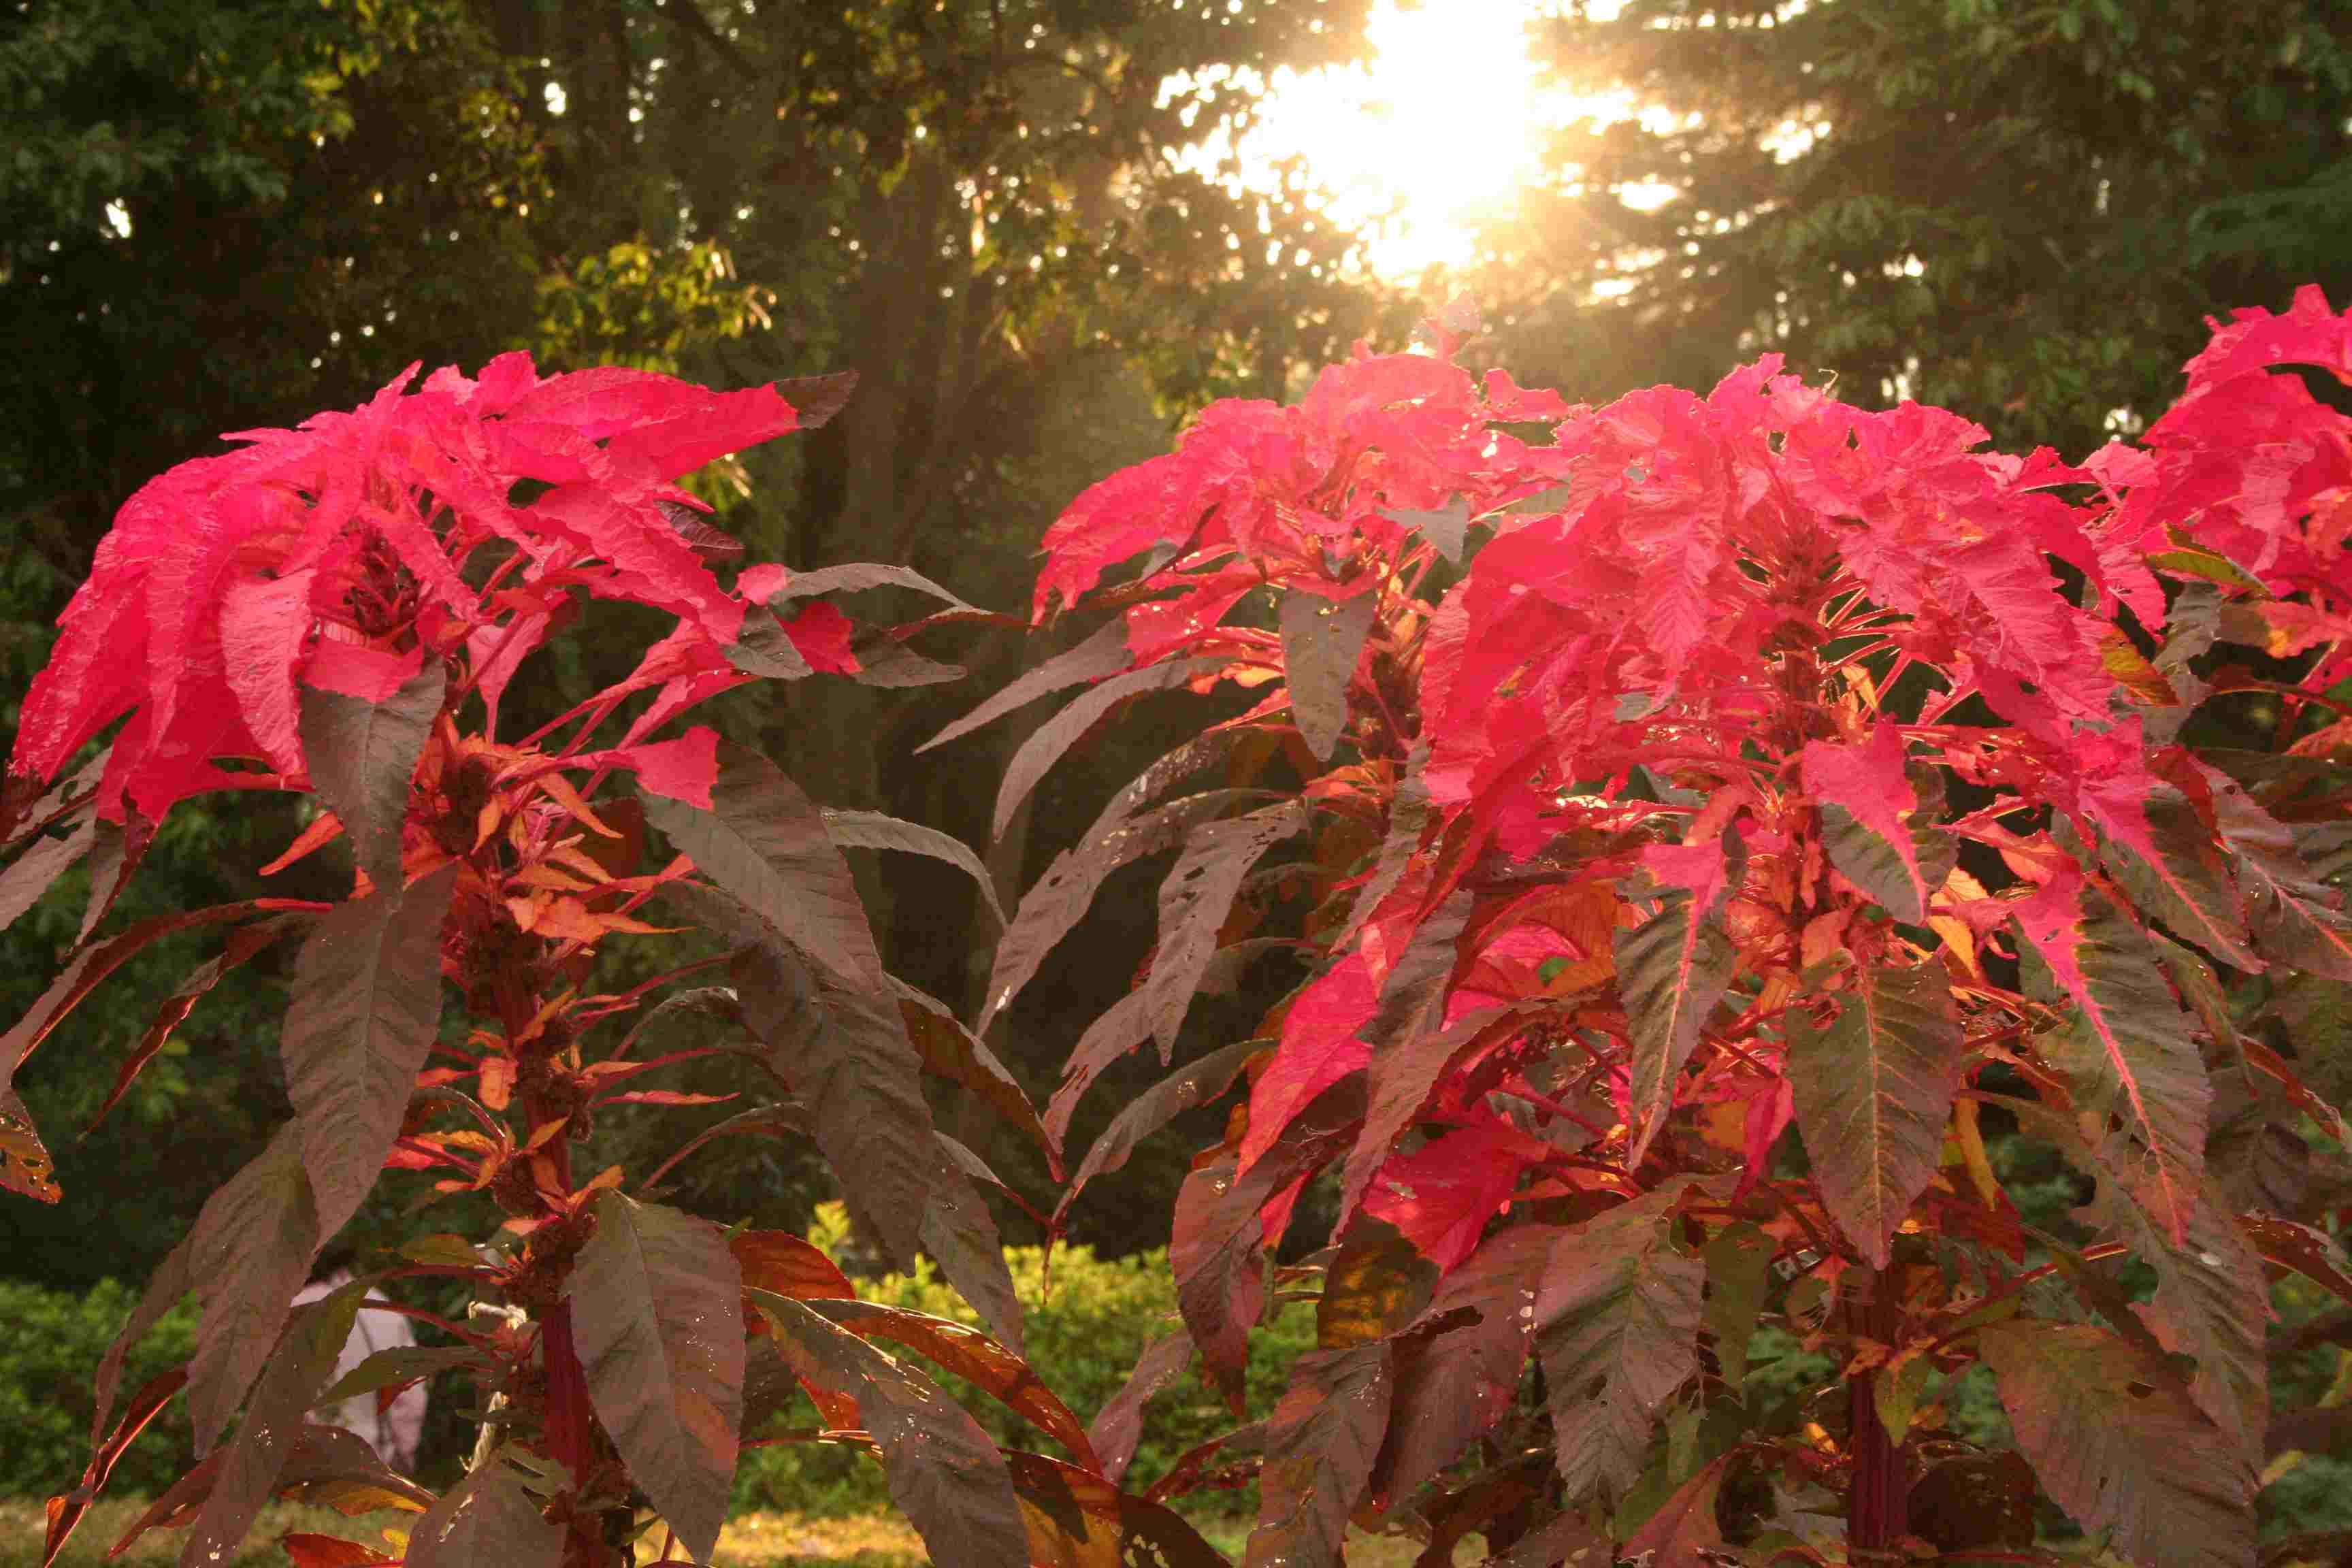 京都府立植物園 秋の花 きのこ展_c0100195_10294115.jpg